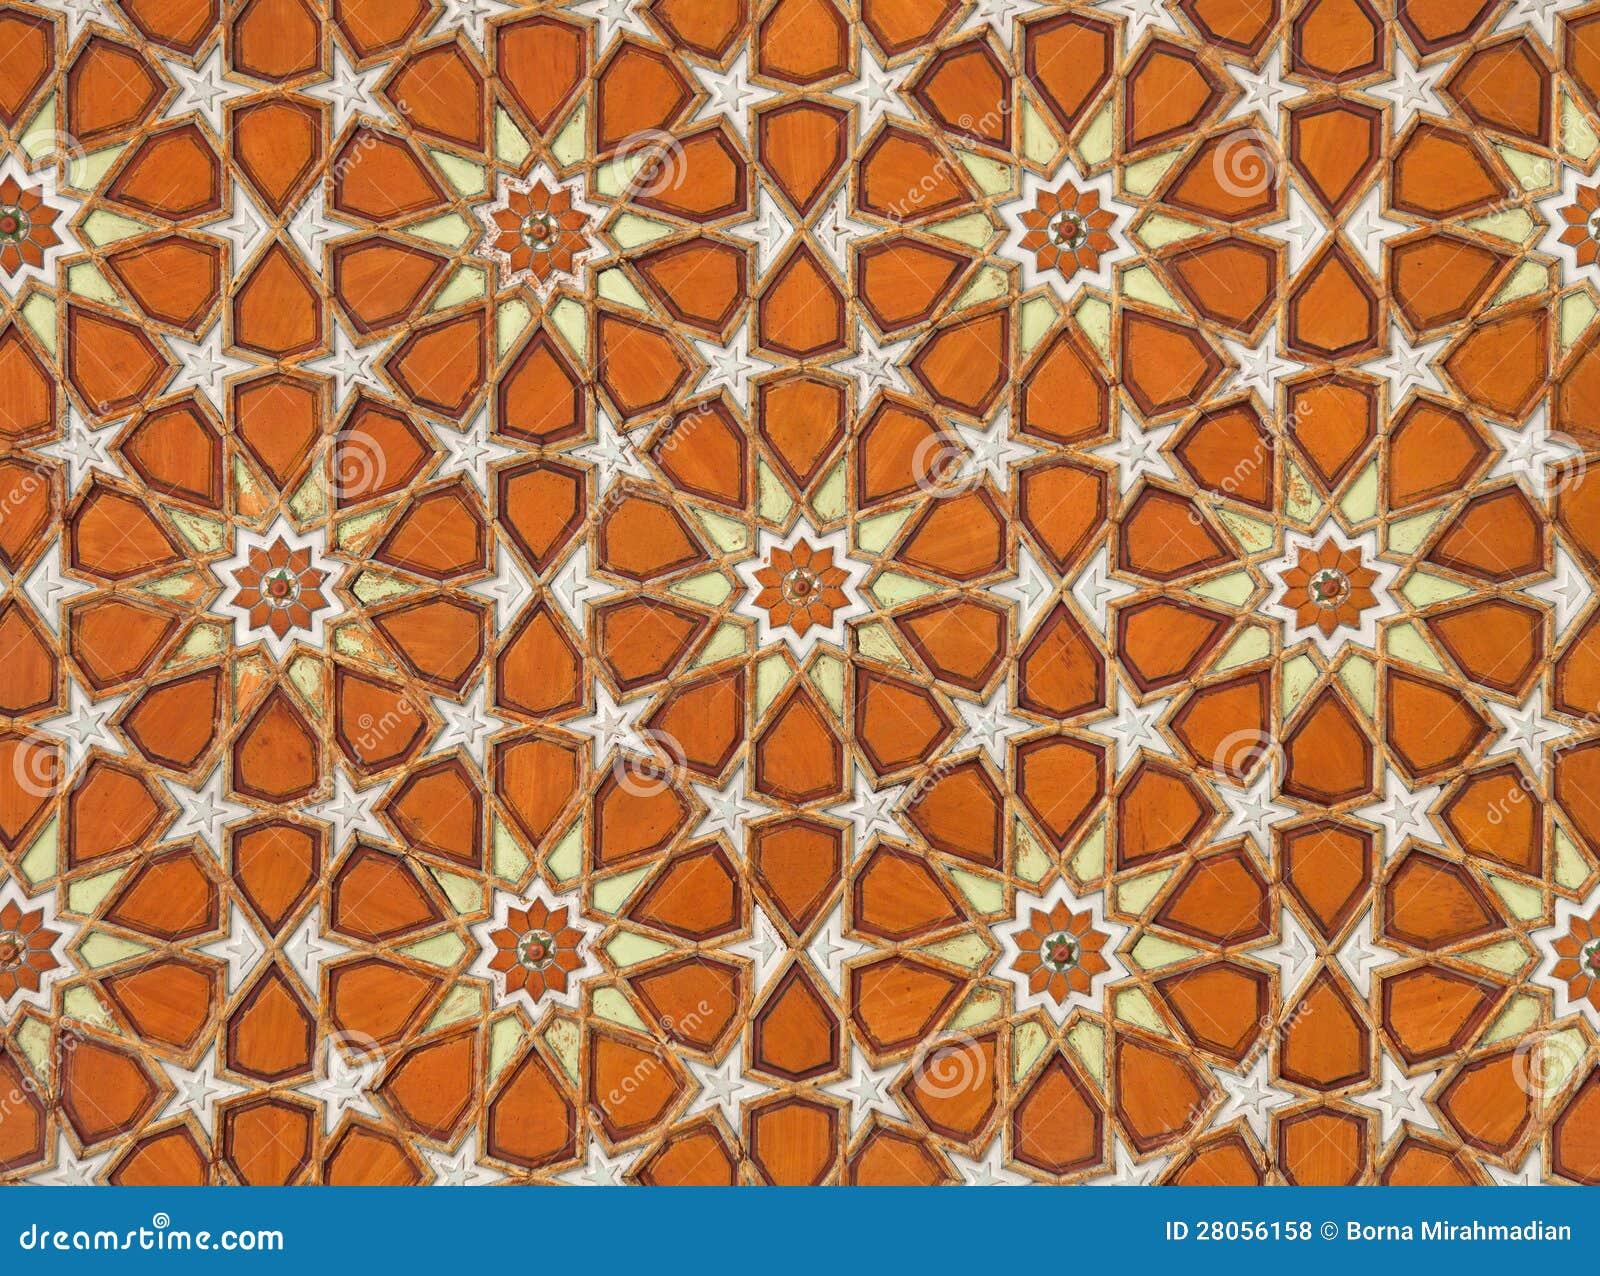 橙色伊斯兰蔓藤花纹模式